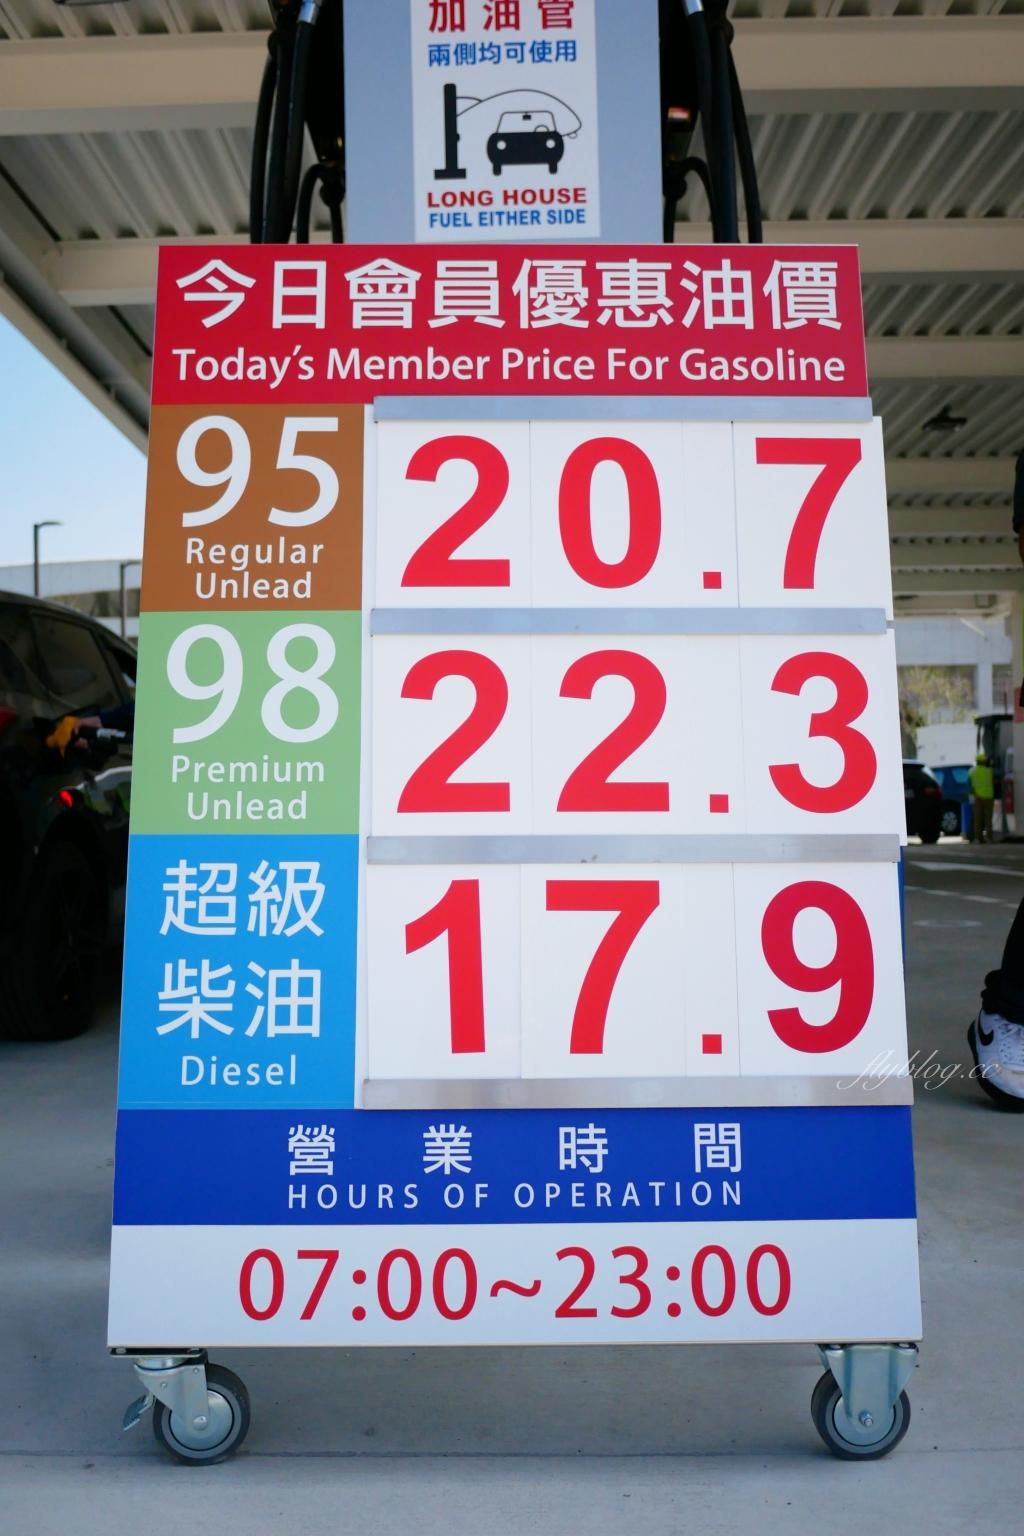 台中好市多加油站:北屯店10/19開始試營運,全年油價便宜3元左右 @飛天璇的口袋